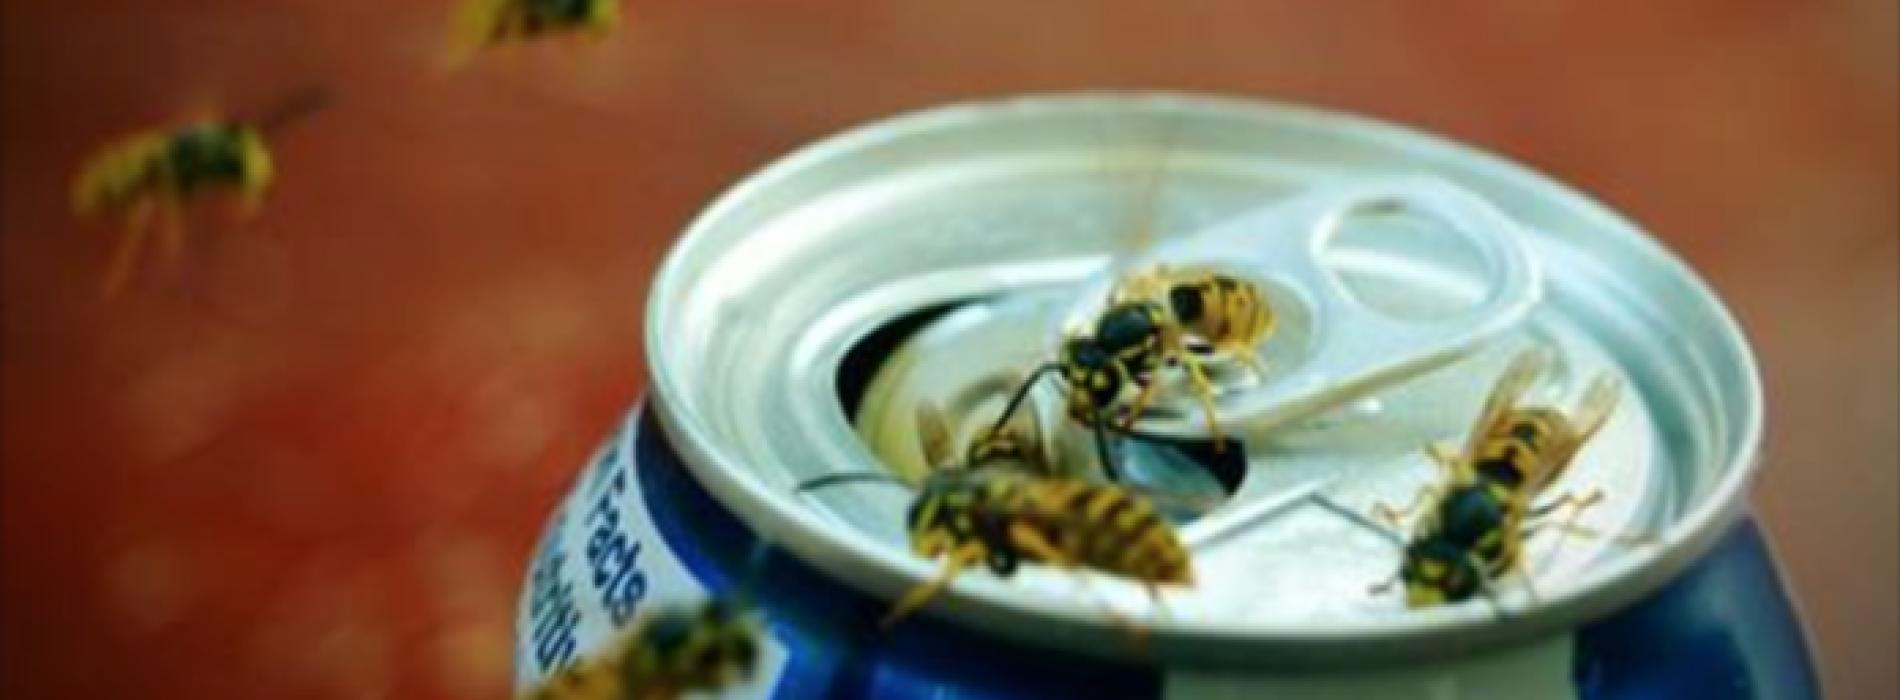 Reken voorgoed af met wespen met deze 5 geweldige tips!